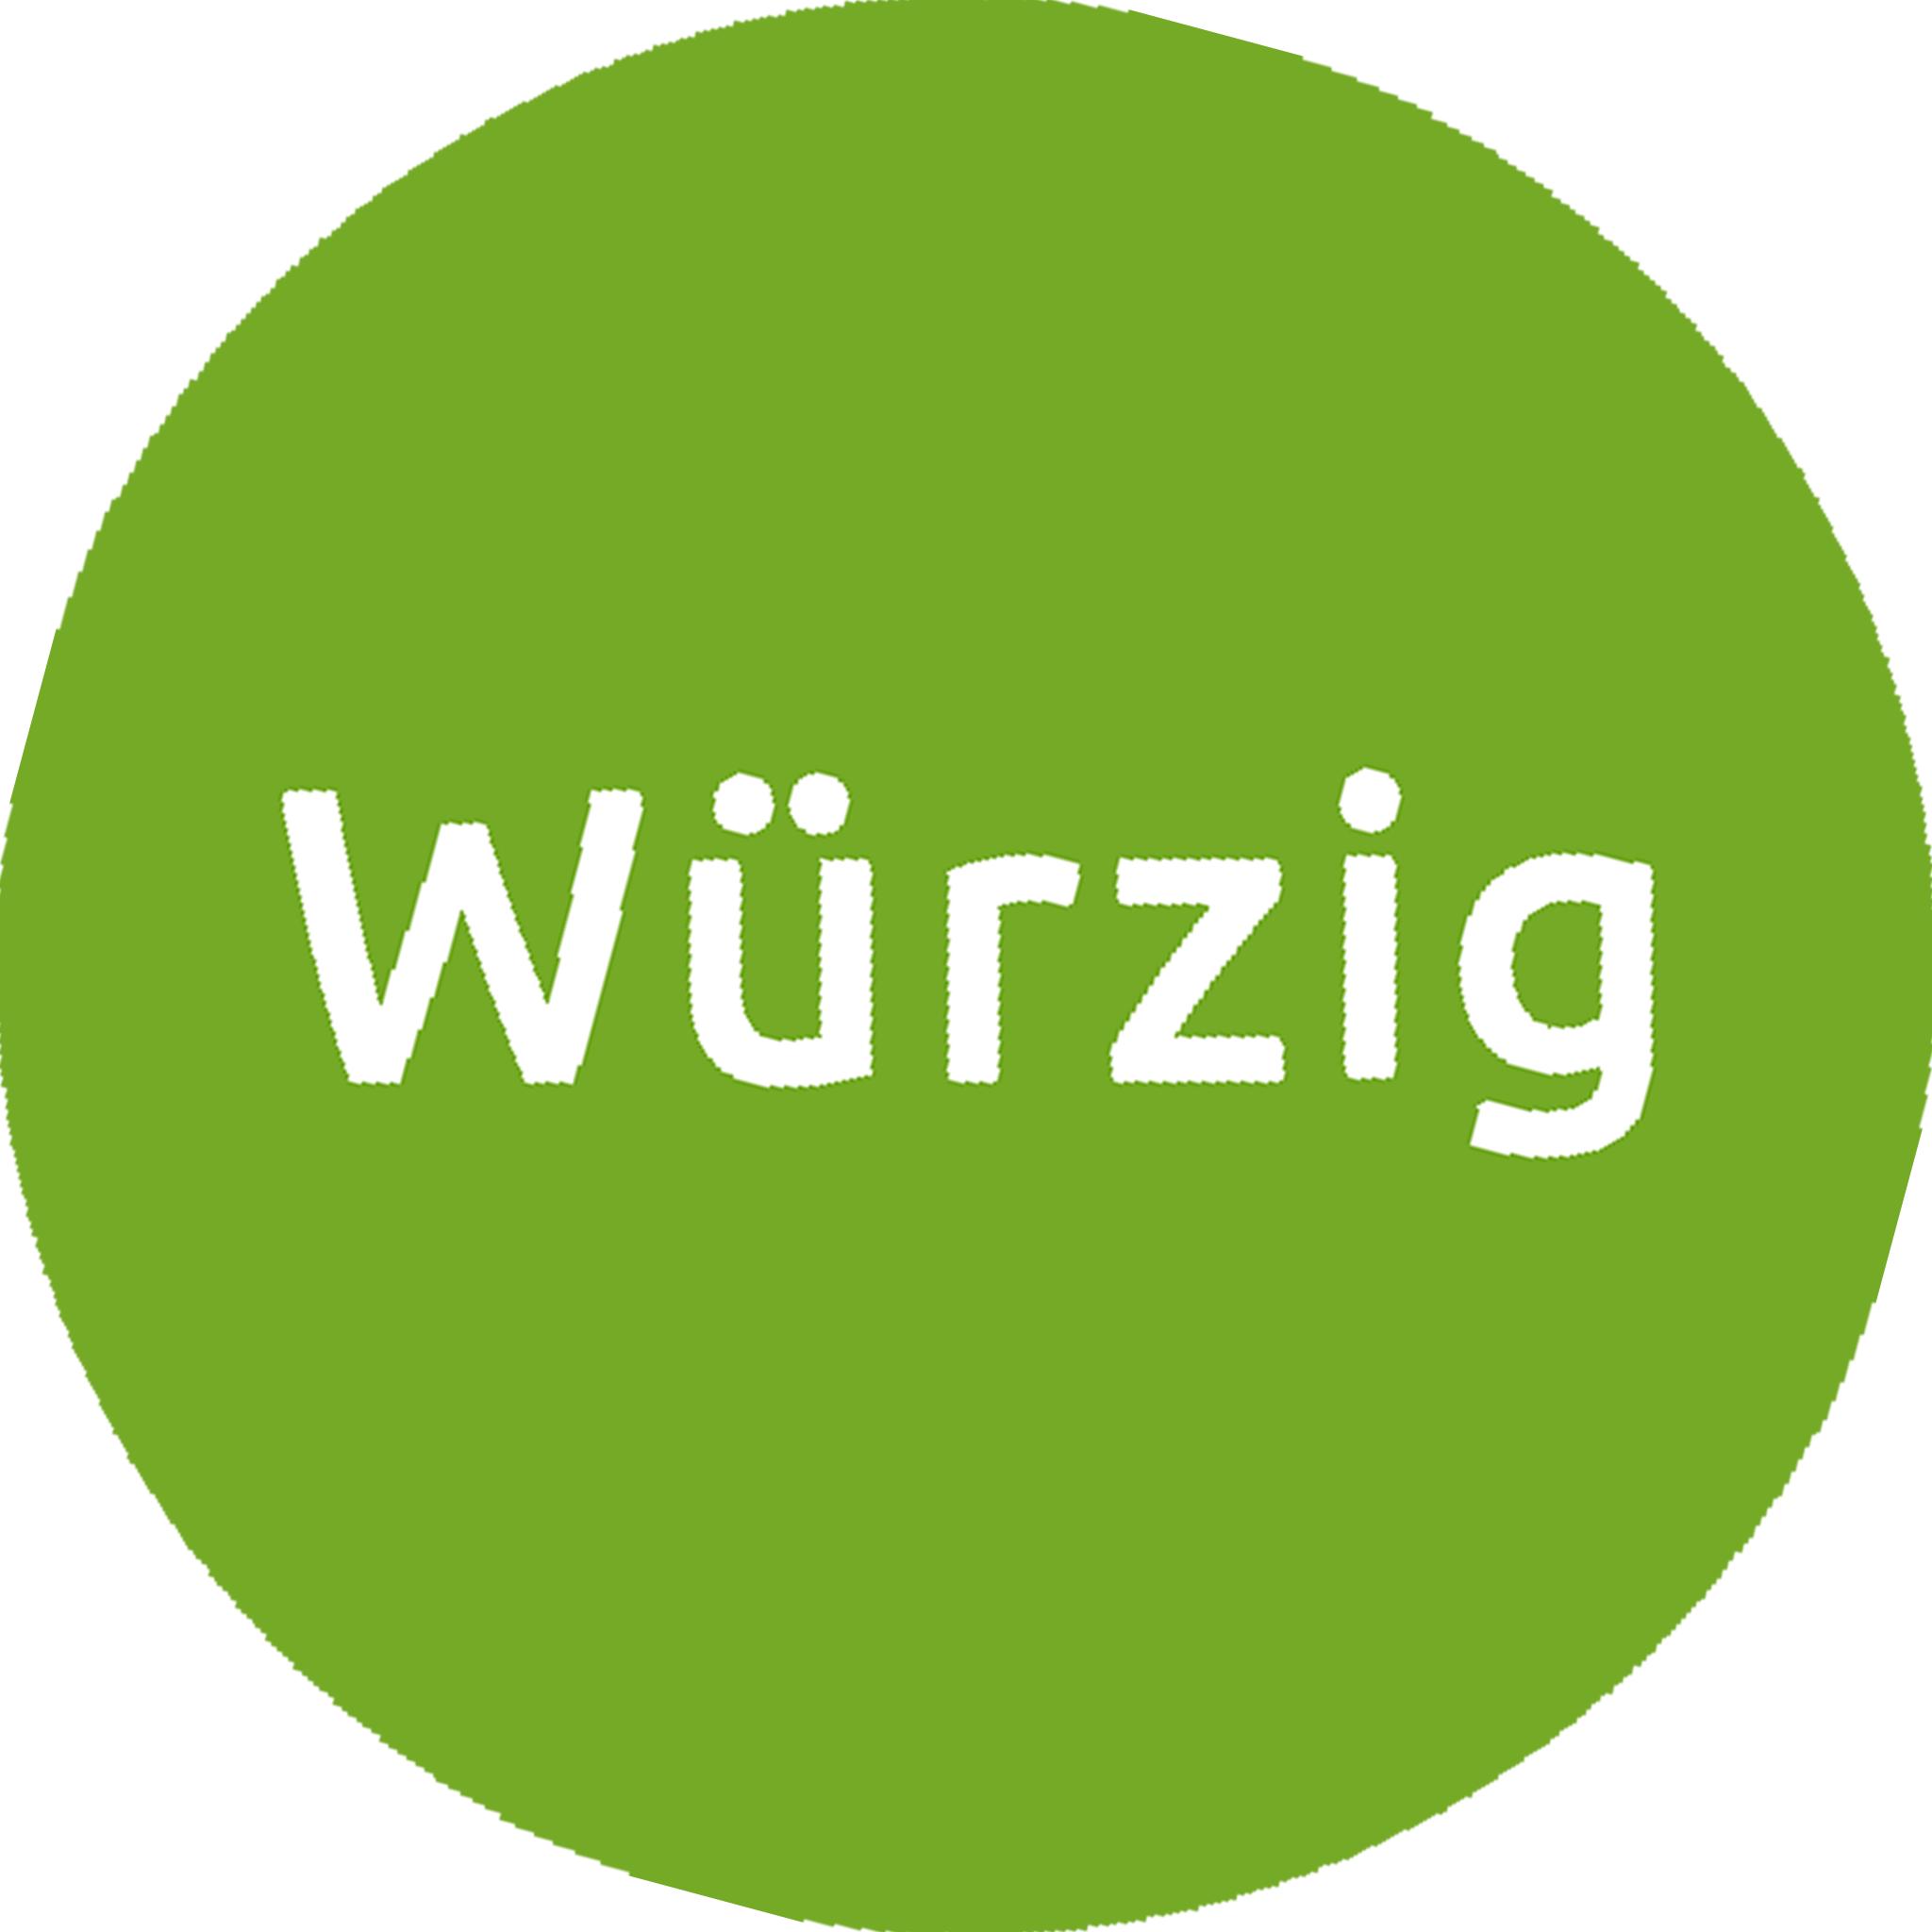 Würzig